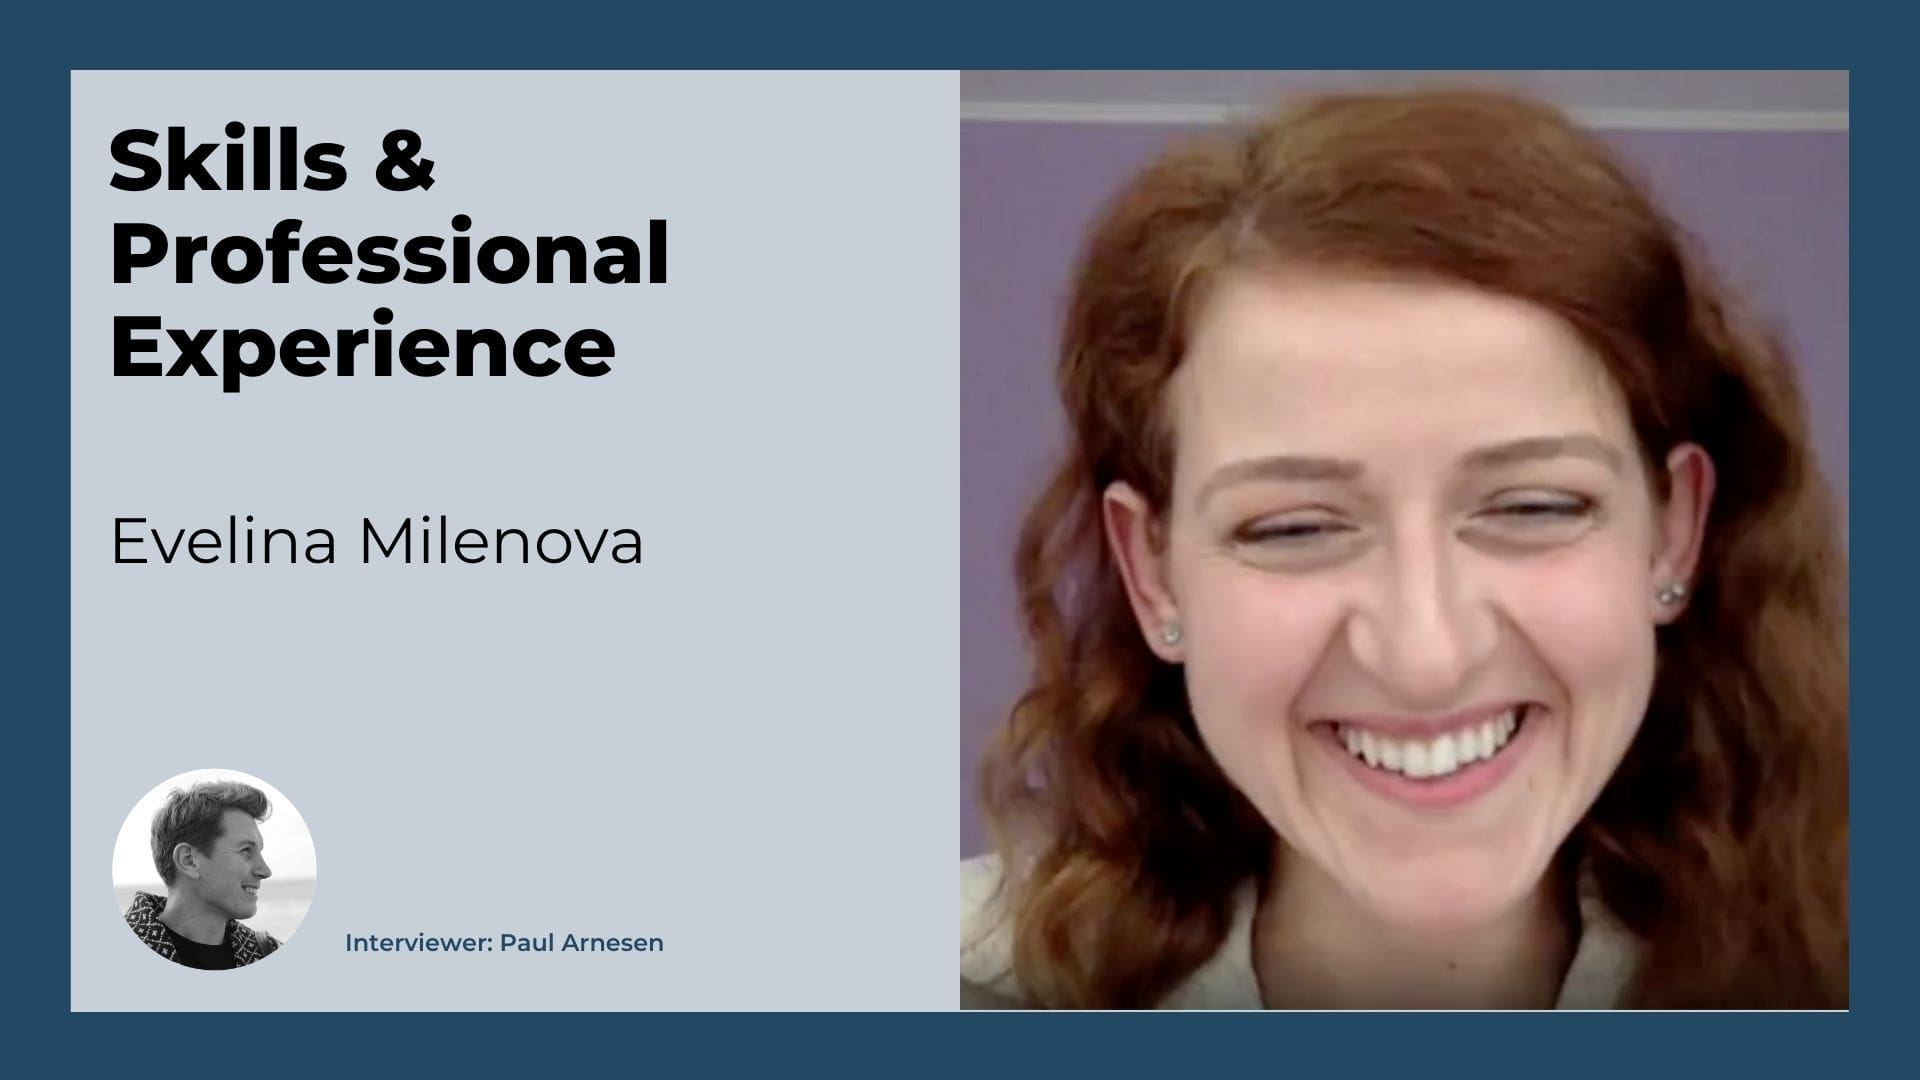 Evelina Milenova